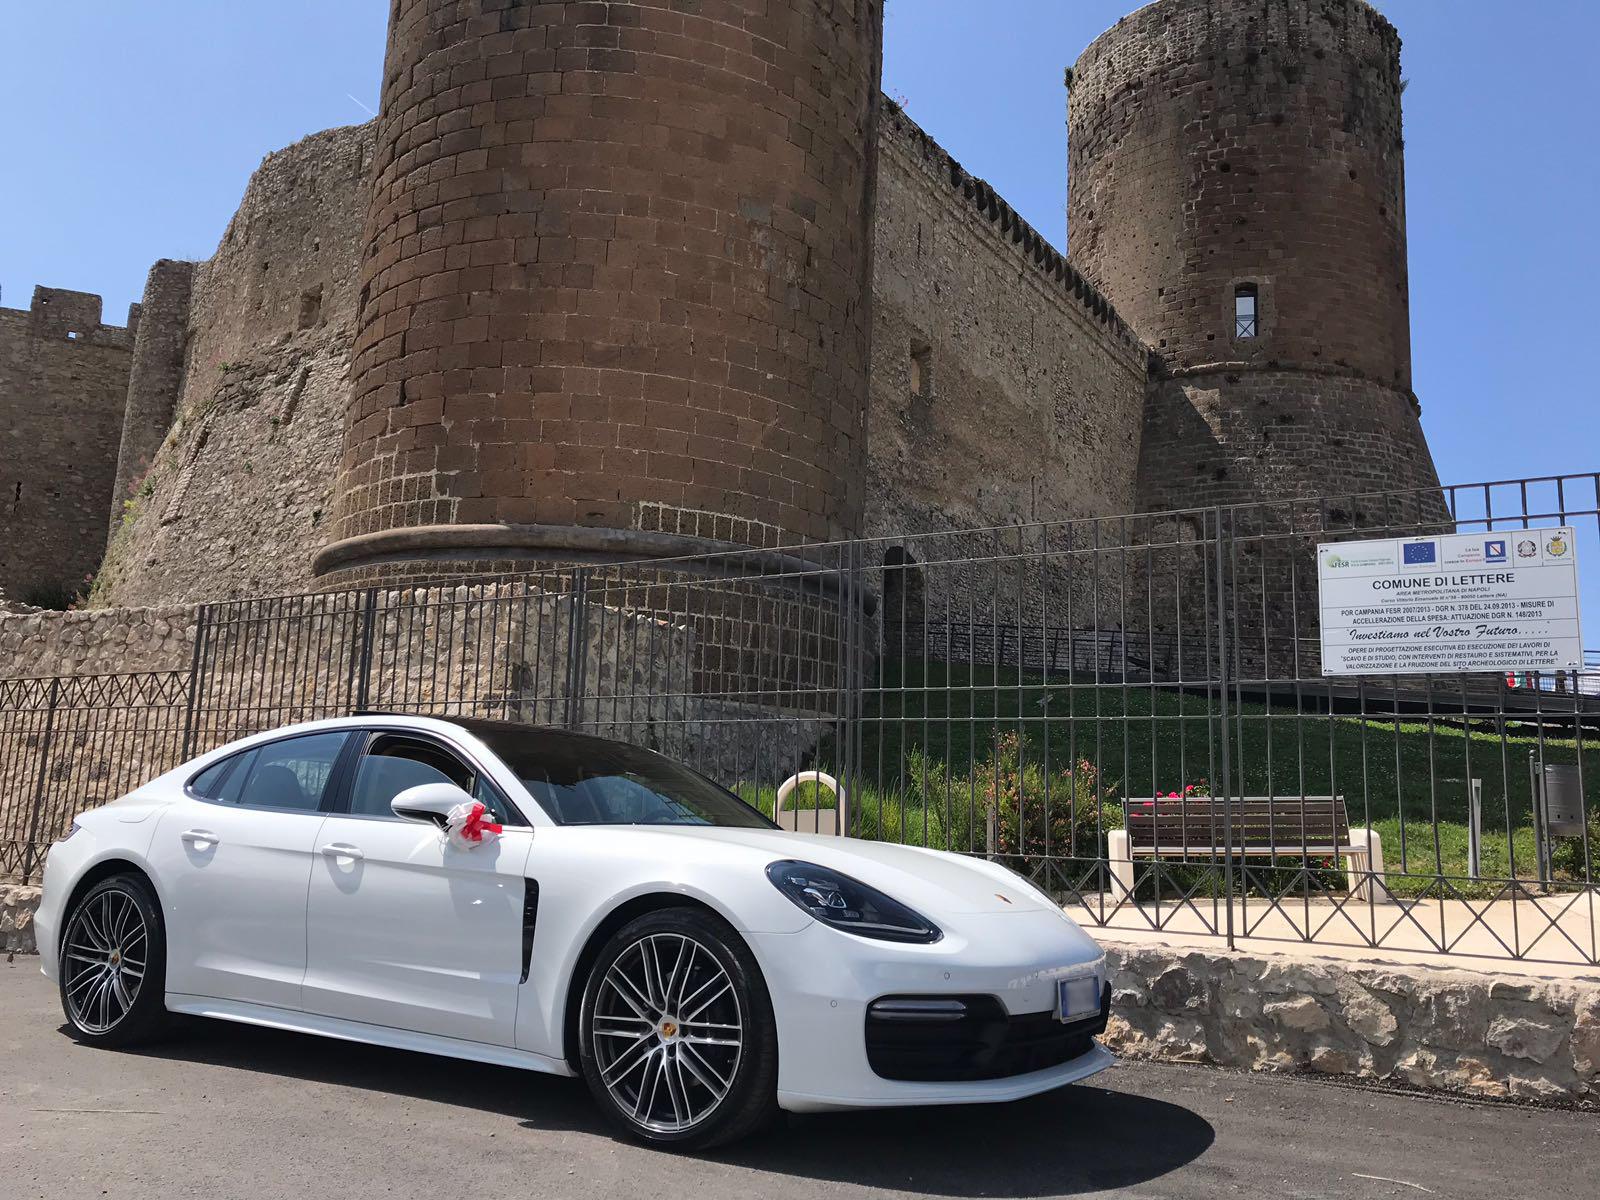 La nuova Porsche Panamera ultimo modello con interni chiari. Molto gettonata da tutti gli sposi di quest'anno.